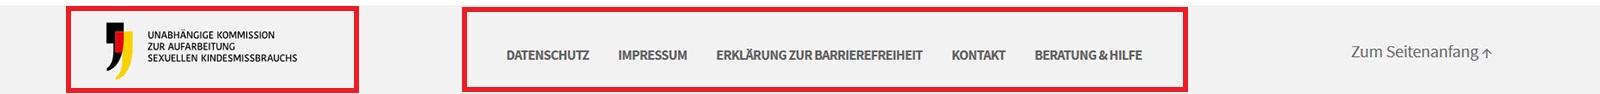 """Screenshot des Footers der Webseite mit Logo und Links zu Datenschutz, Impressum, Erklärung zur Barrierefreiheit, Kontakt, Beratung& Hilfe und """"Zum Seitenanfang"""""""